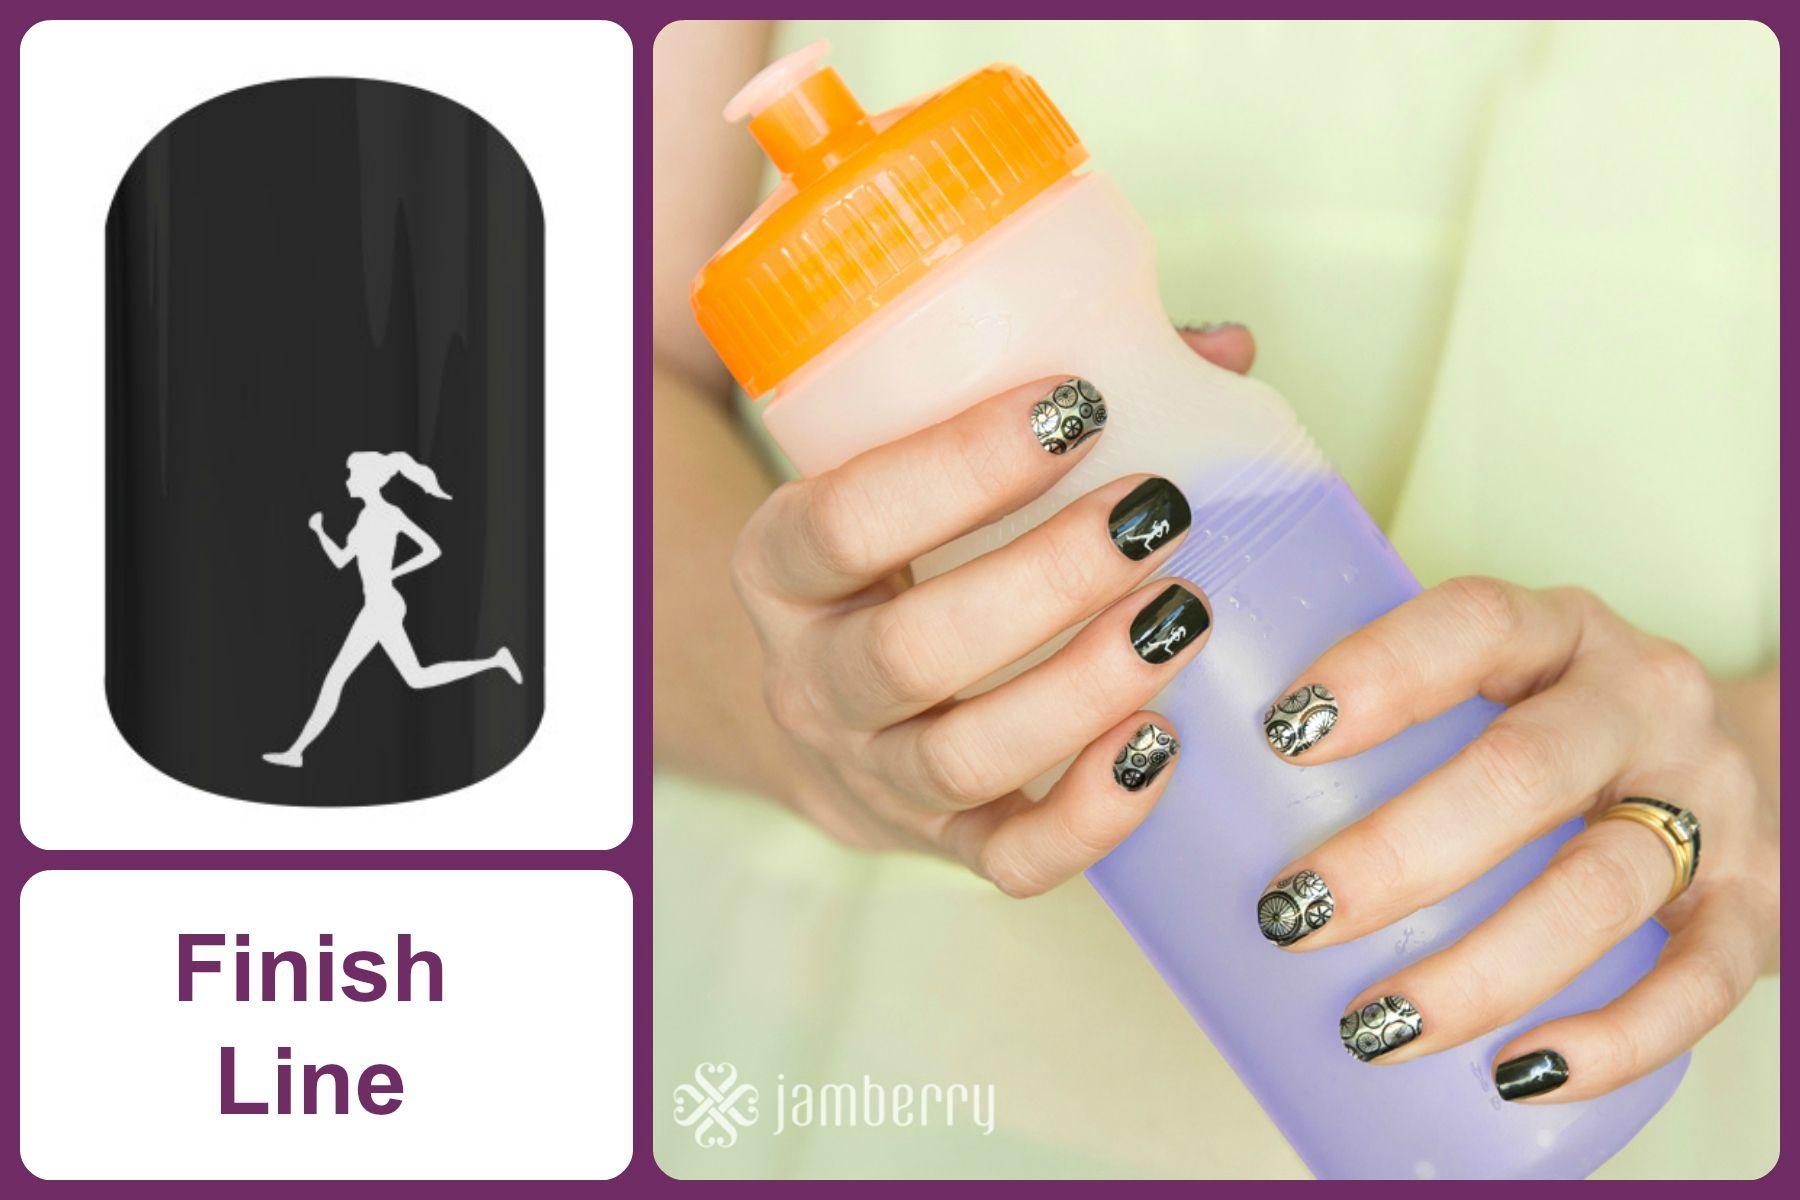 Finish Line Jamberry Nail Wrap Finishlinejn Nail Wraps Jamberry Nails Jamberry Nail Wraps